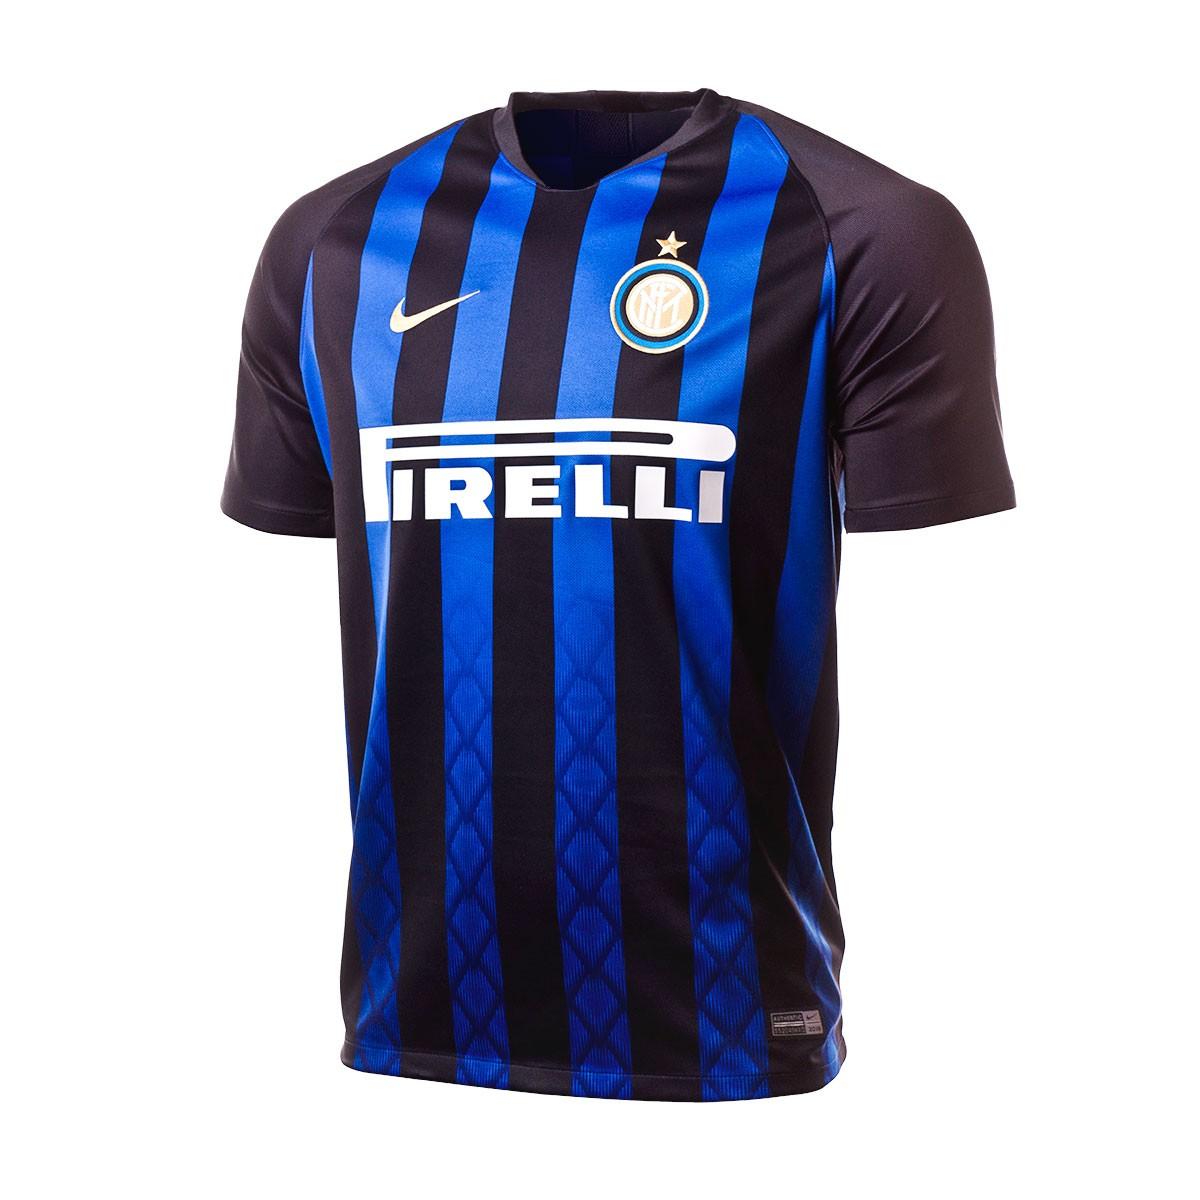 ... Camiseta Inter Milán Stadium Primera Equipación 2018-2019 Black-Truly  gold. CATEGORÍA. Productos oficiales 73b4eb7d067